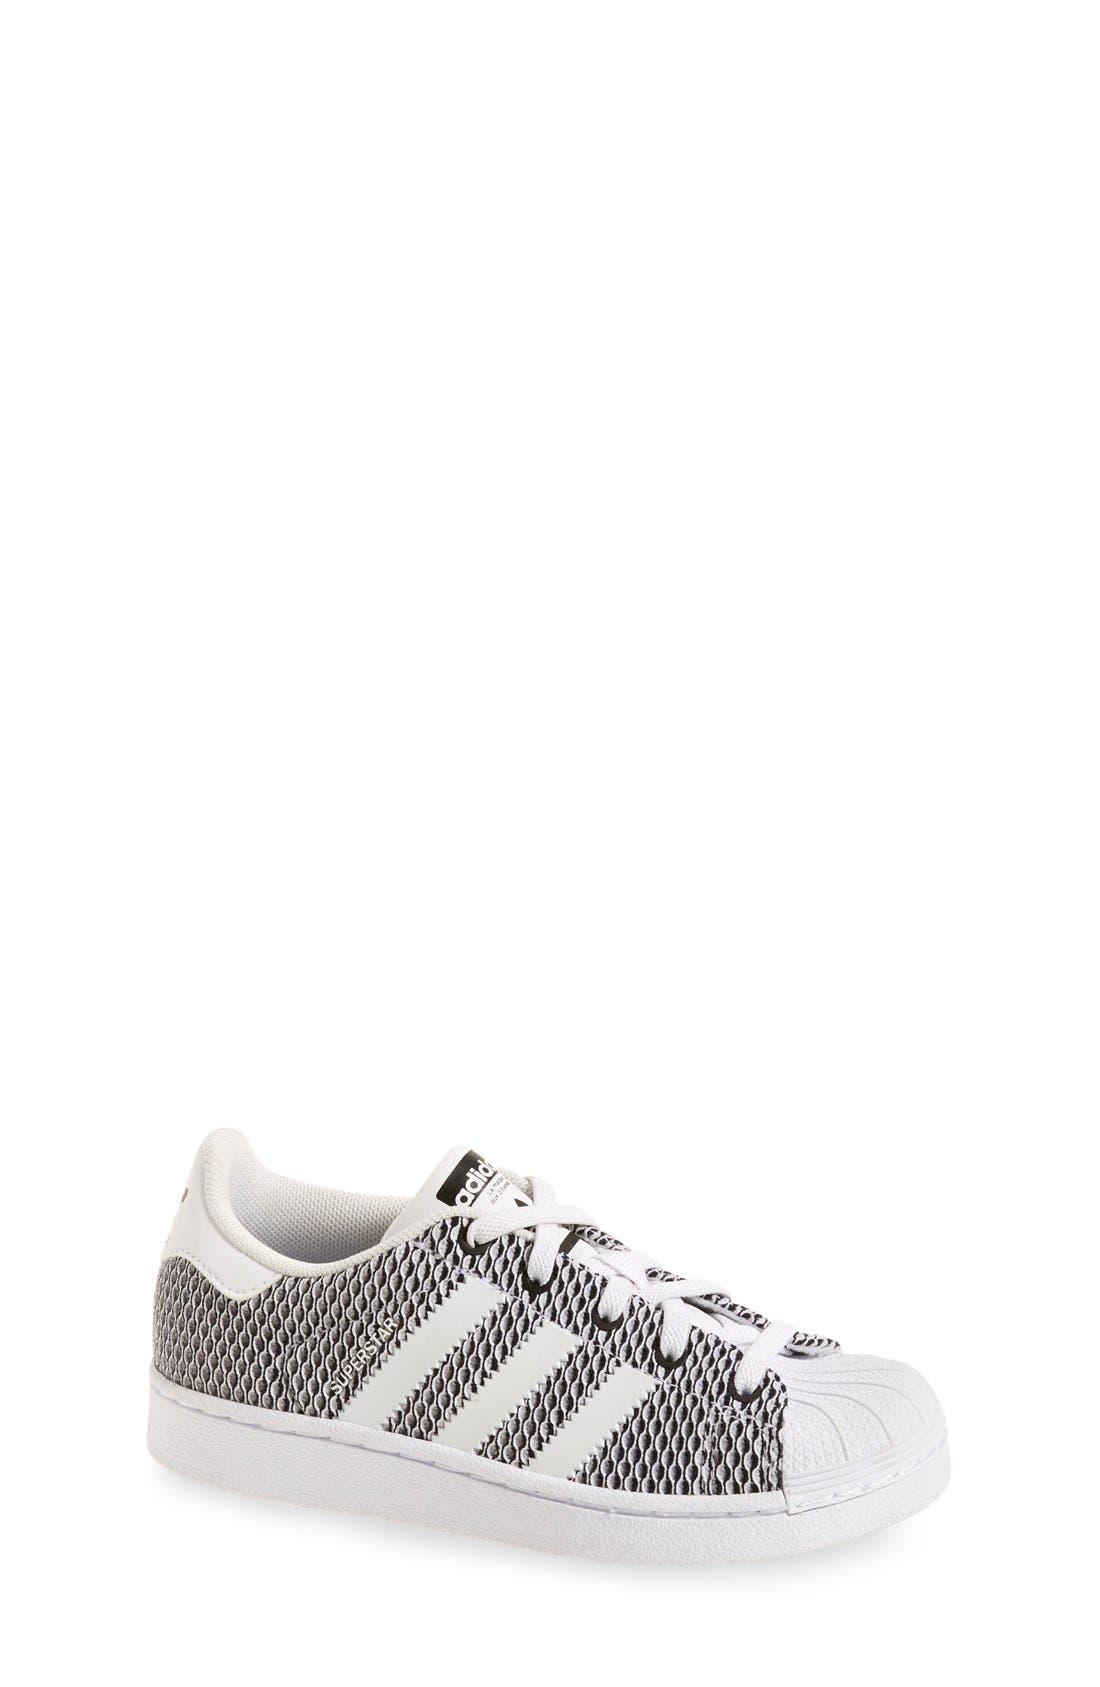 Main Image - adidas 'Superstar - Color Shift' Sneaker (Baby, Walker, Toddler, Little Kid & Big Kid)